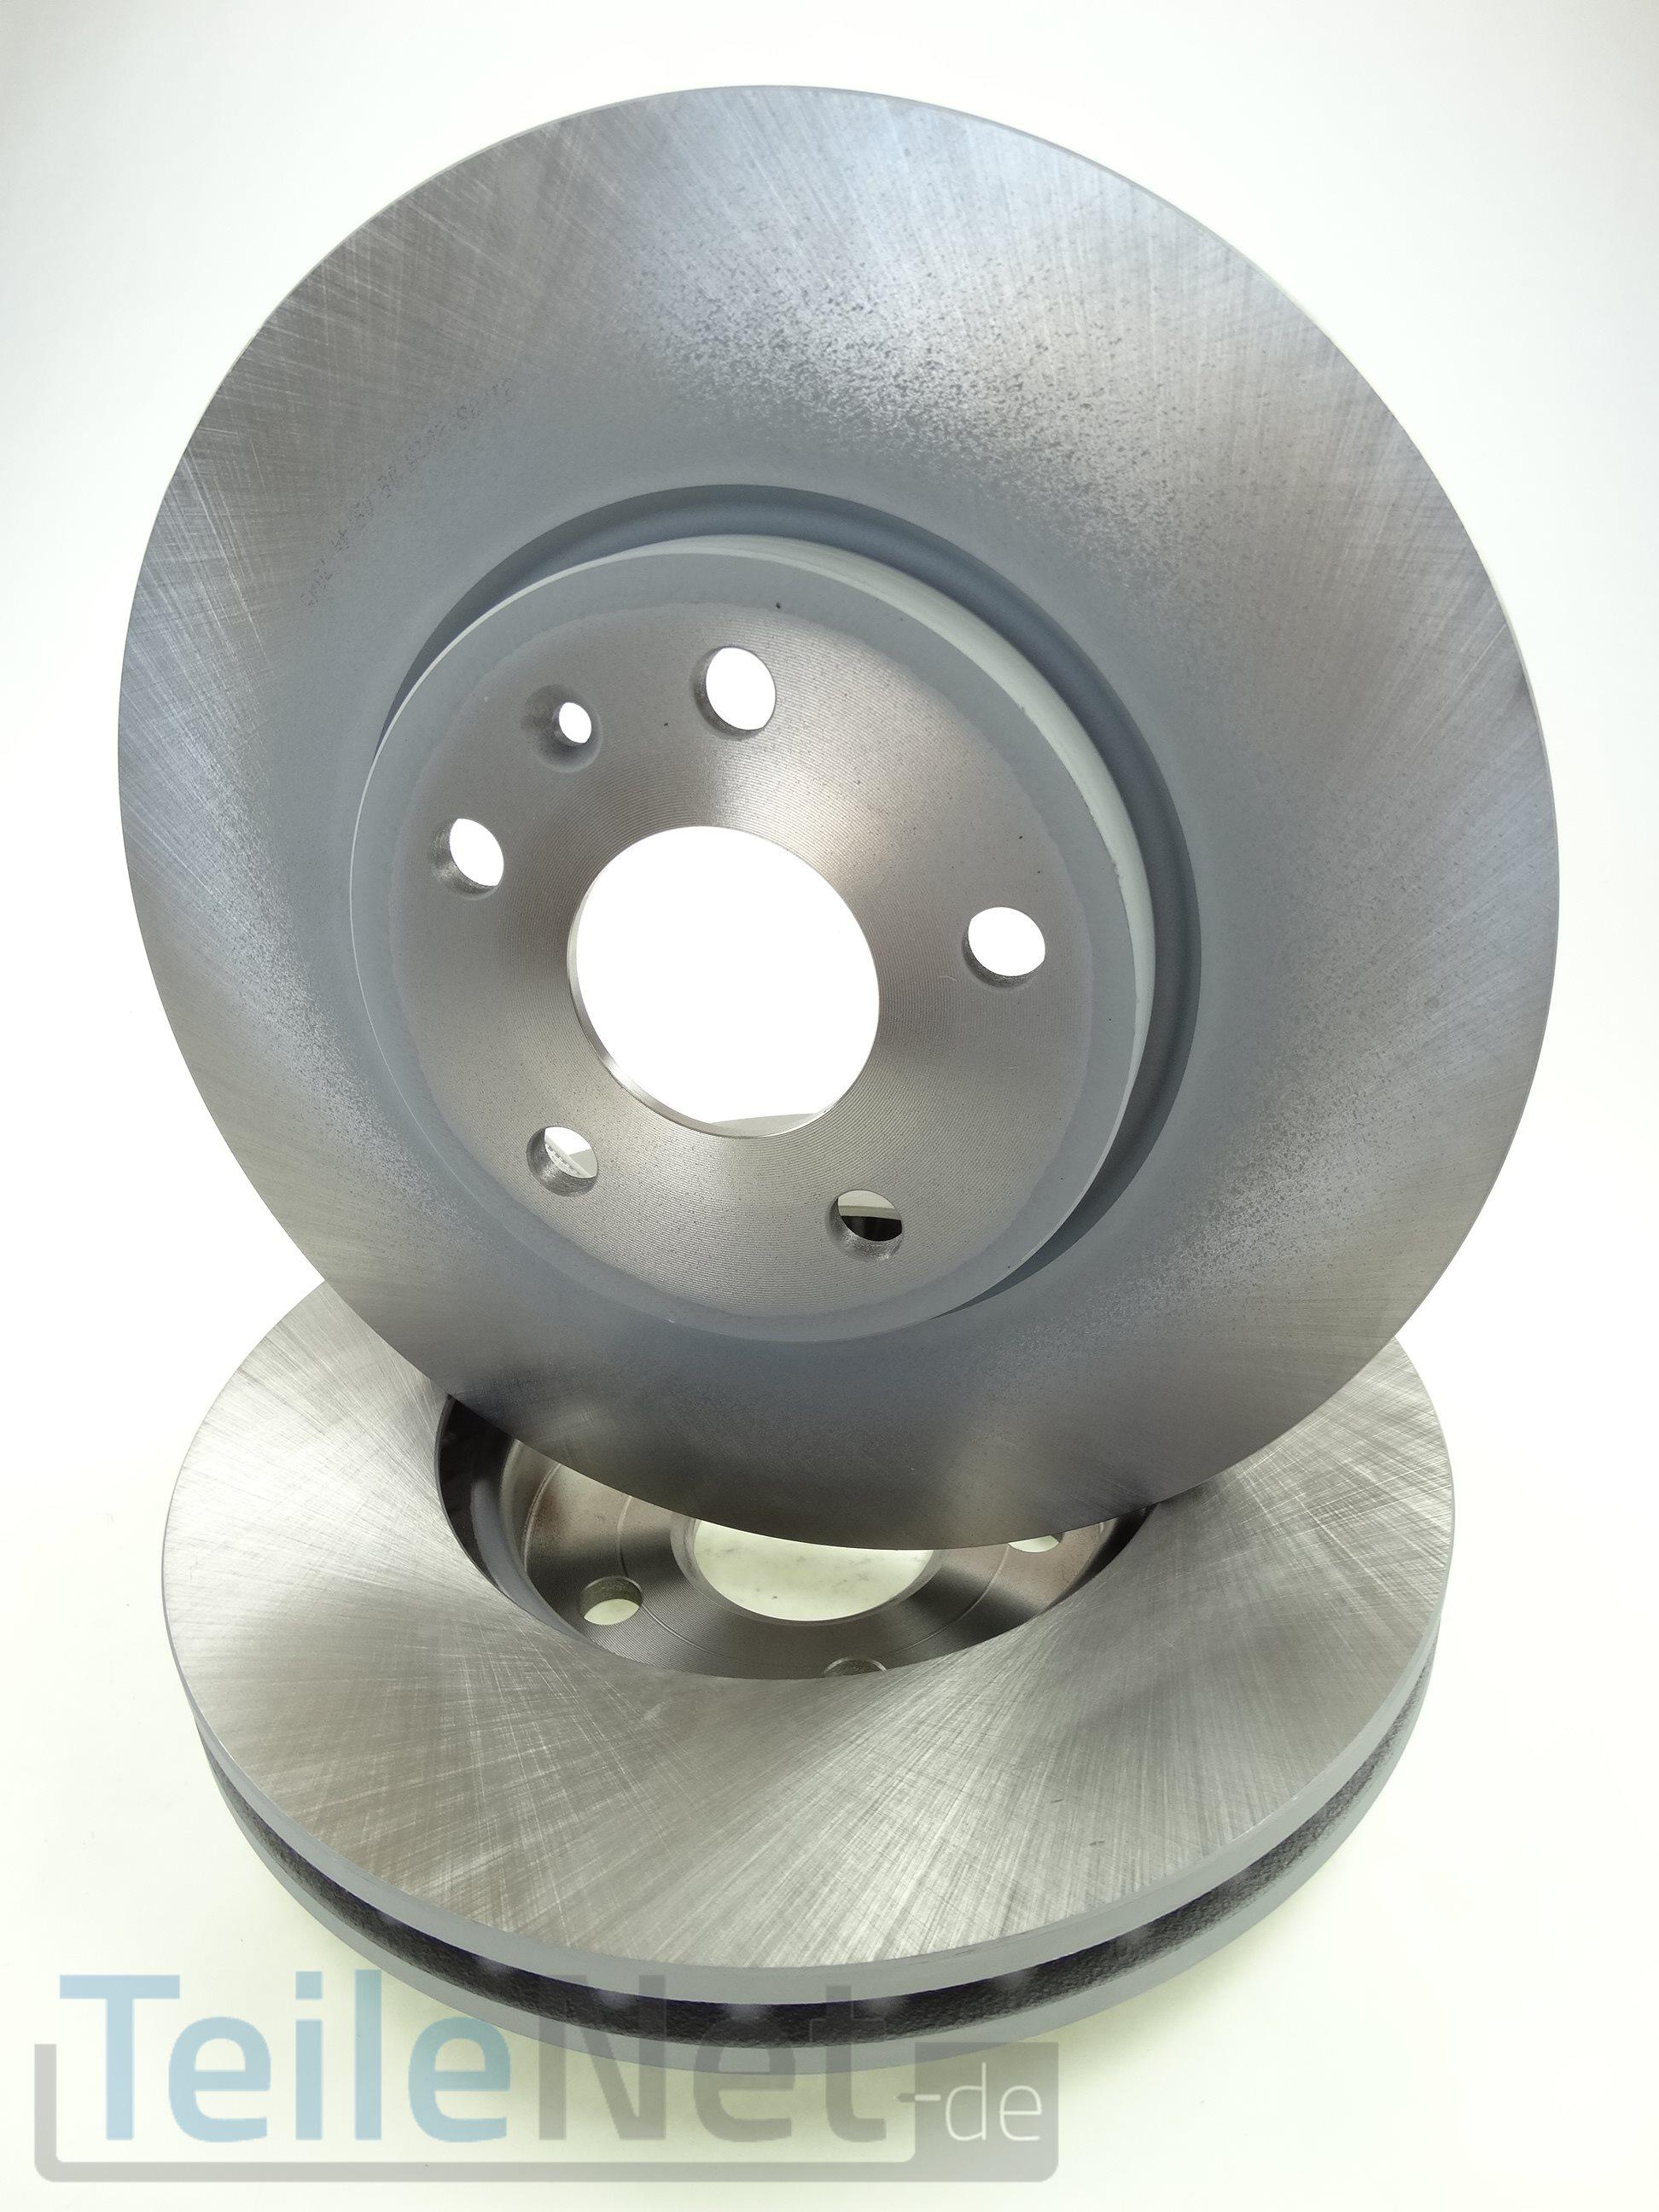 bremse vorne bremsscheibe bremskl tze original gm opel. Black Bedroom Furniture Sets. Home Design Ideas